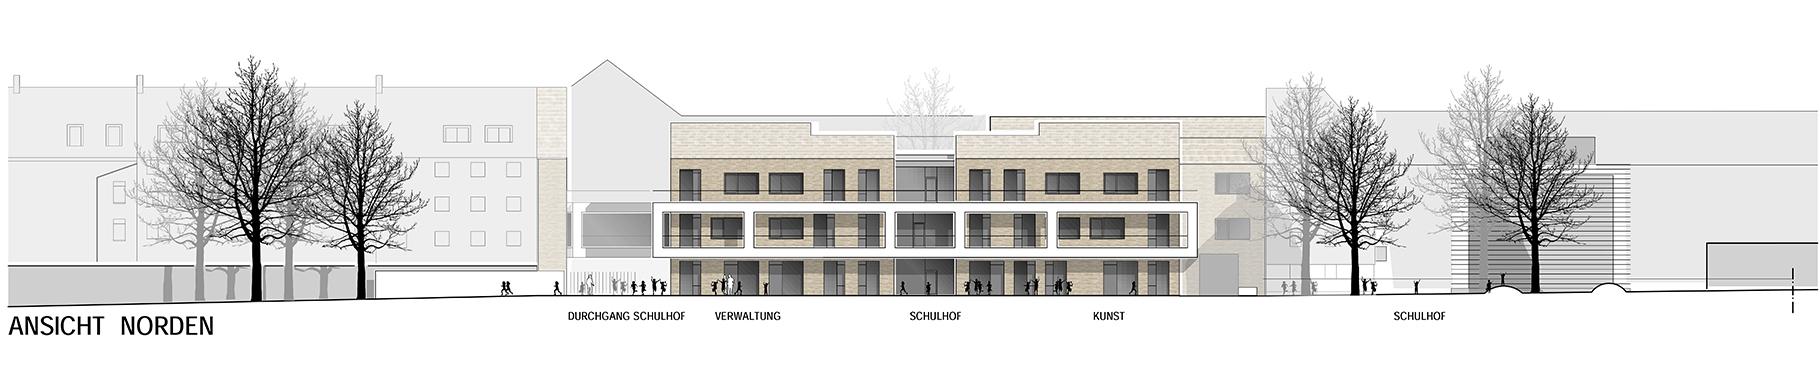 Anerkennung im Wettbewerb Neubau Tiegelschule Essen, Ansicht Nord